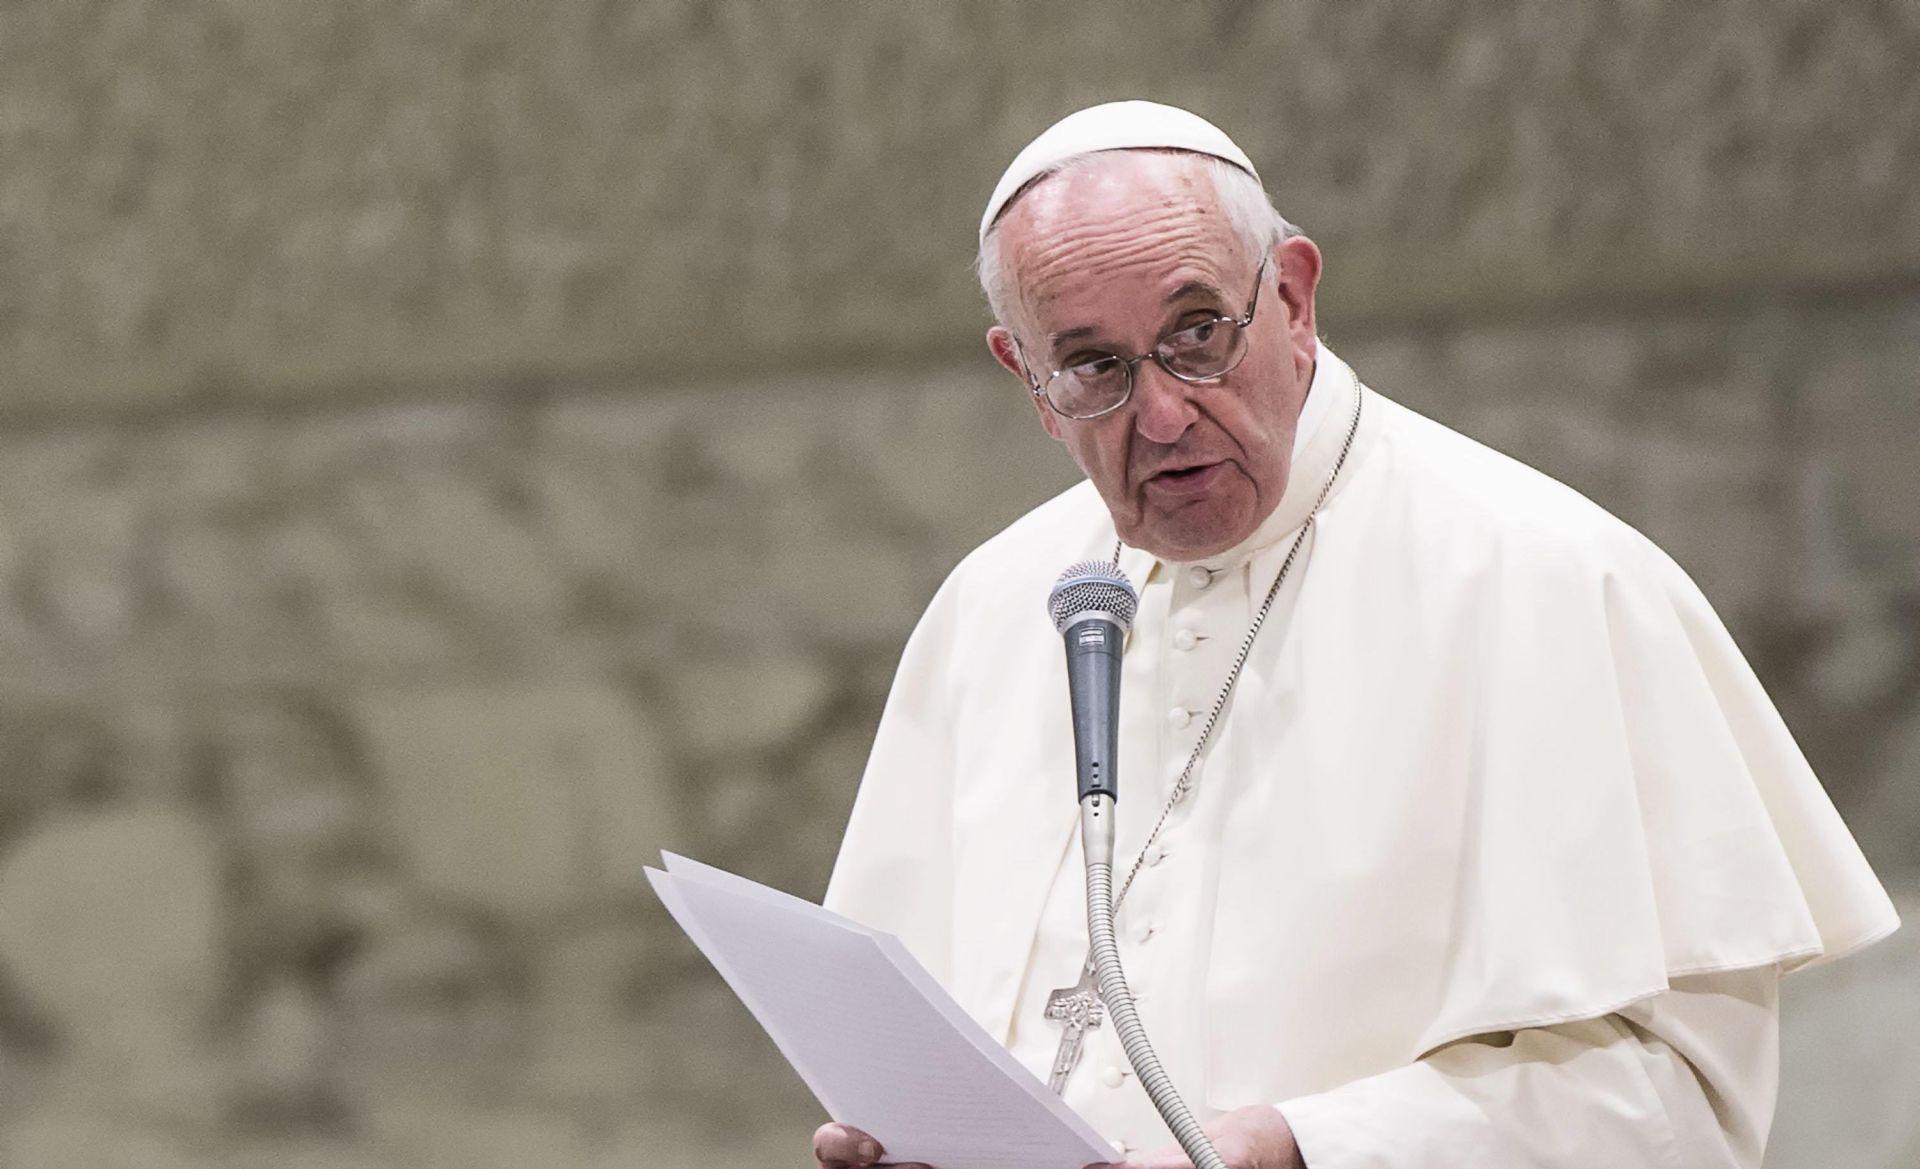 STIŽE NOVI VELIKI PRILJEV IZBJEGLICA Papa Franjo: Svaka župa treba prihvatiti jednu izbjegličku obitelj